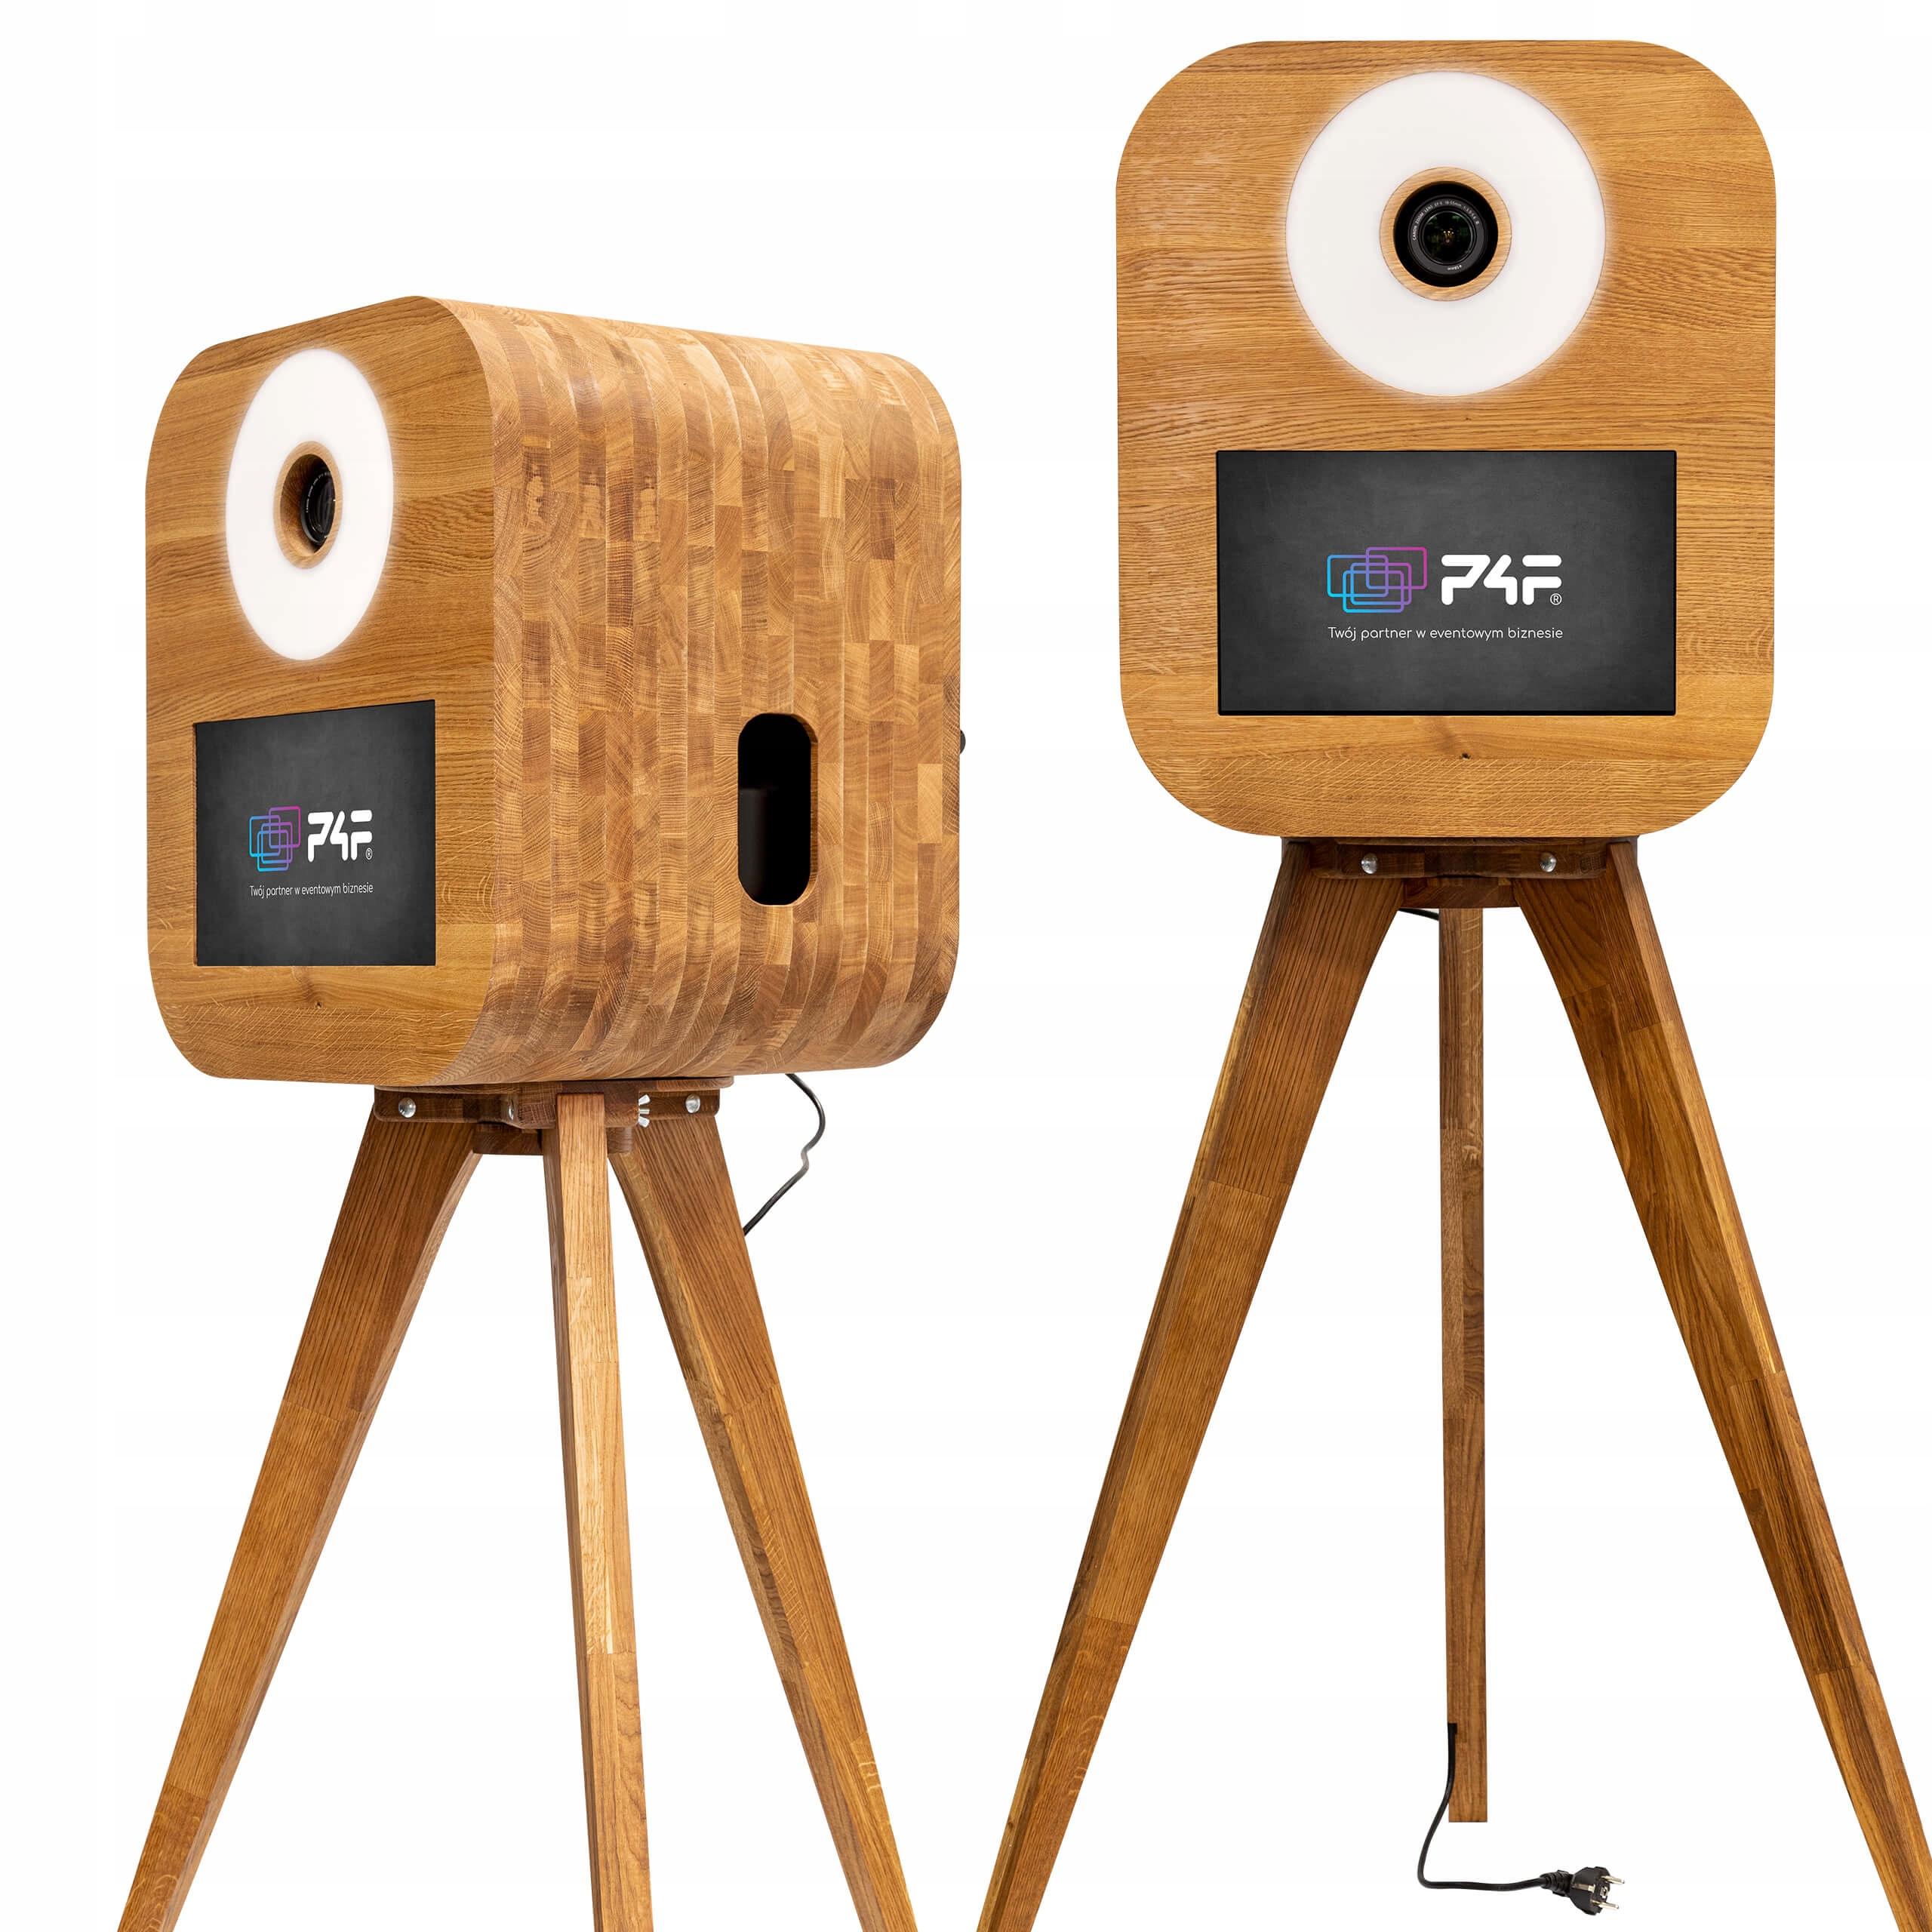 FOTO BOX P4F RETRO M retro búdka vyrobená z dreva Plus